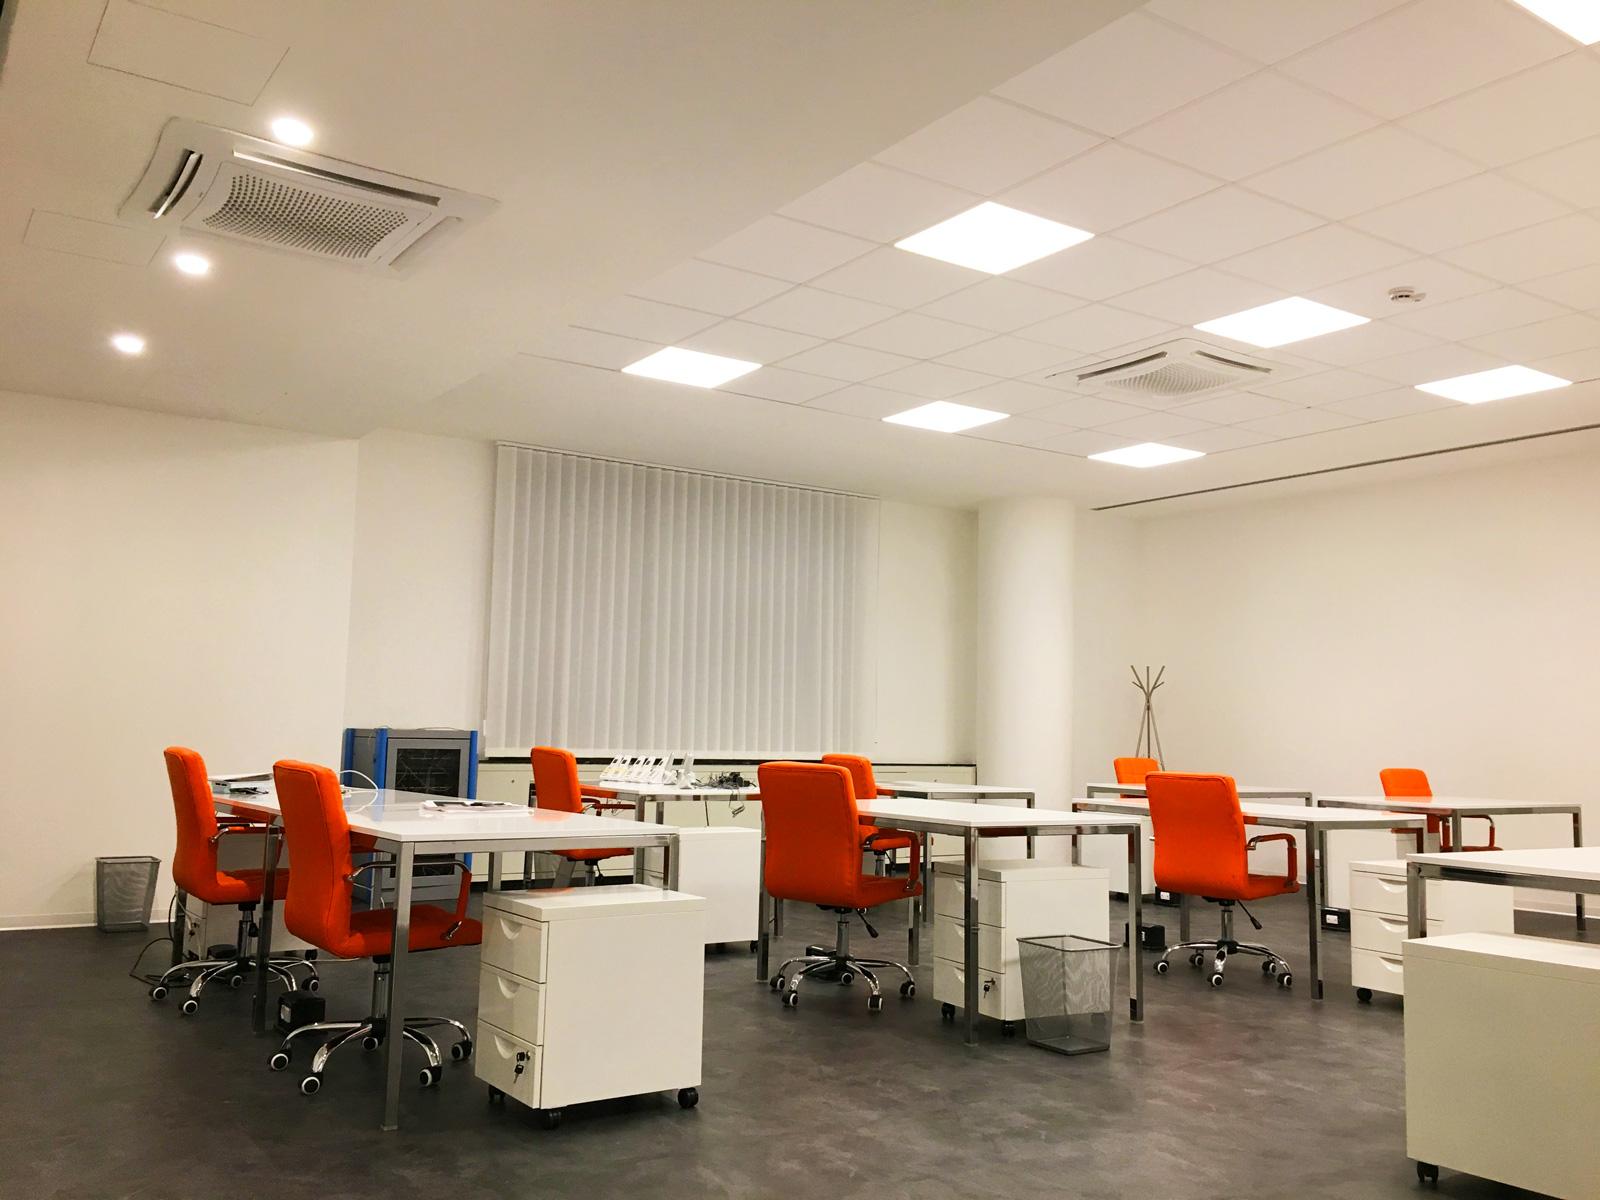 Devi creare la giusta illuminazione in ufficio? rivolgiti a sololed